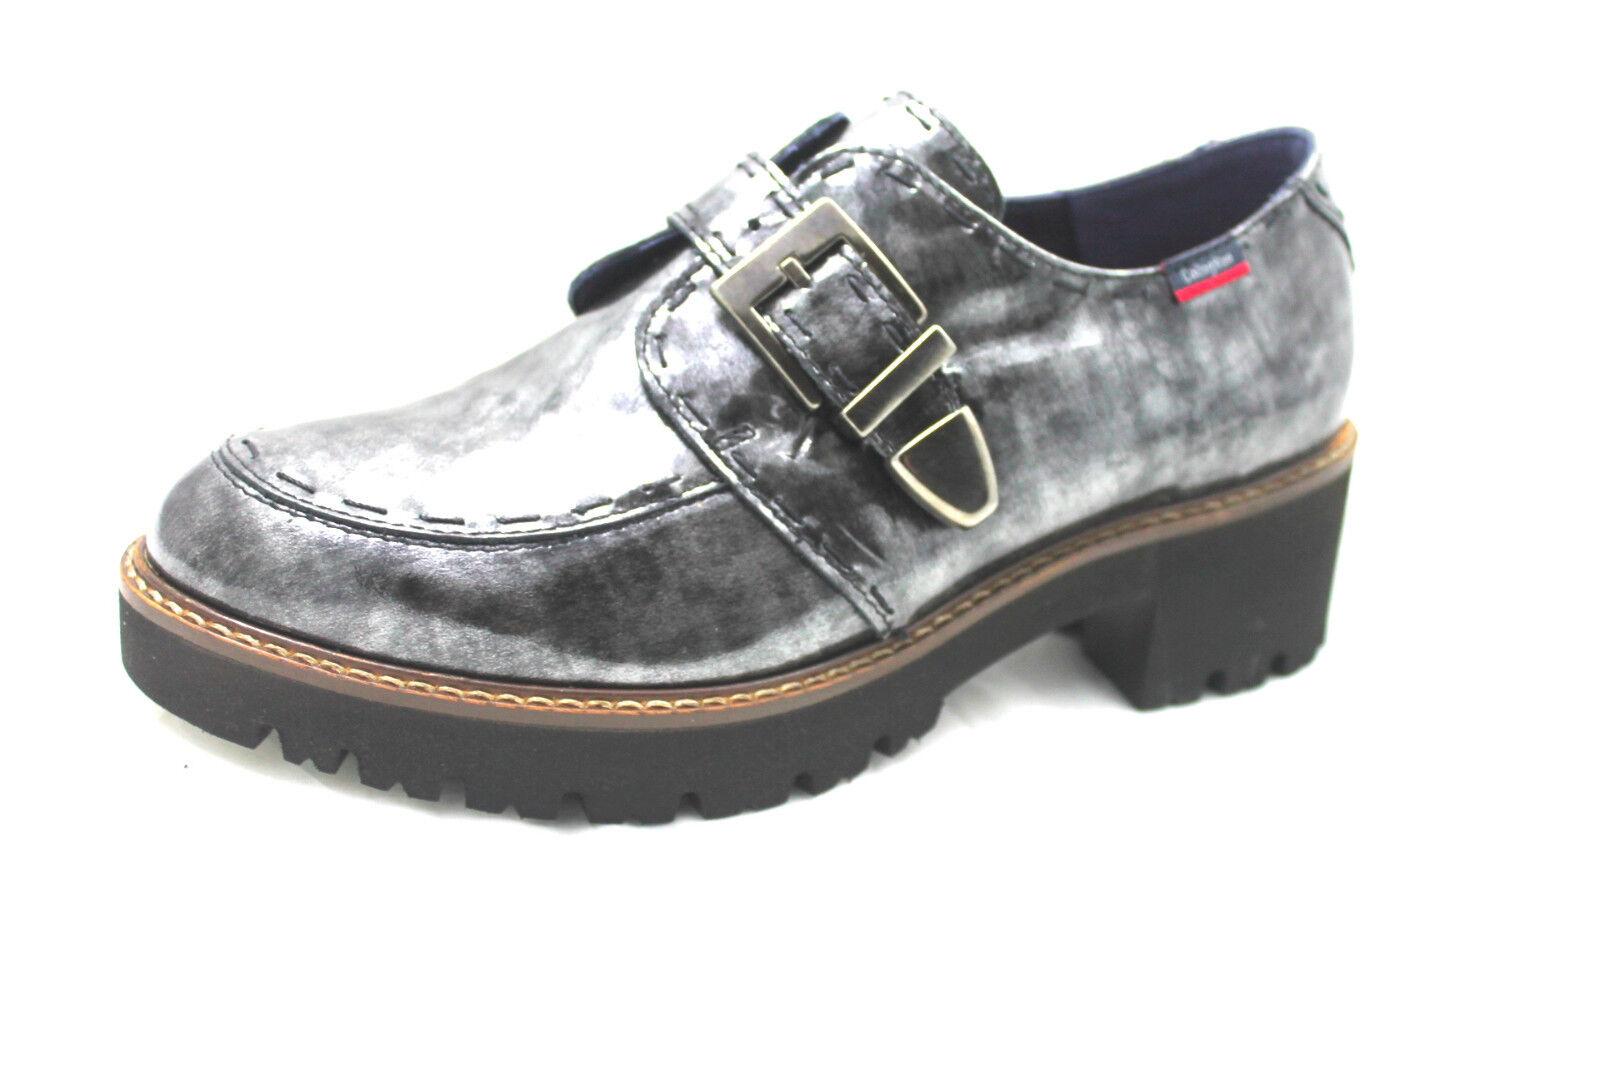 scarpa donna callaghan13420 naplak grigio fibbia  cararmato cm4 light confort